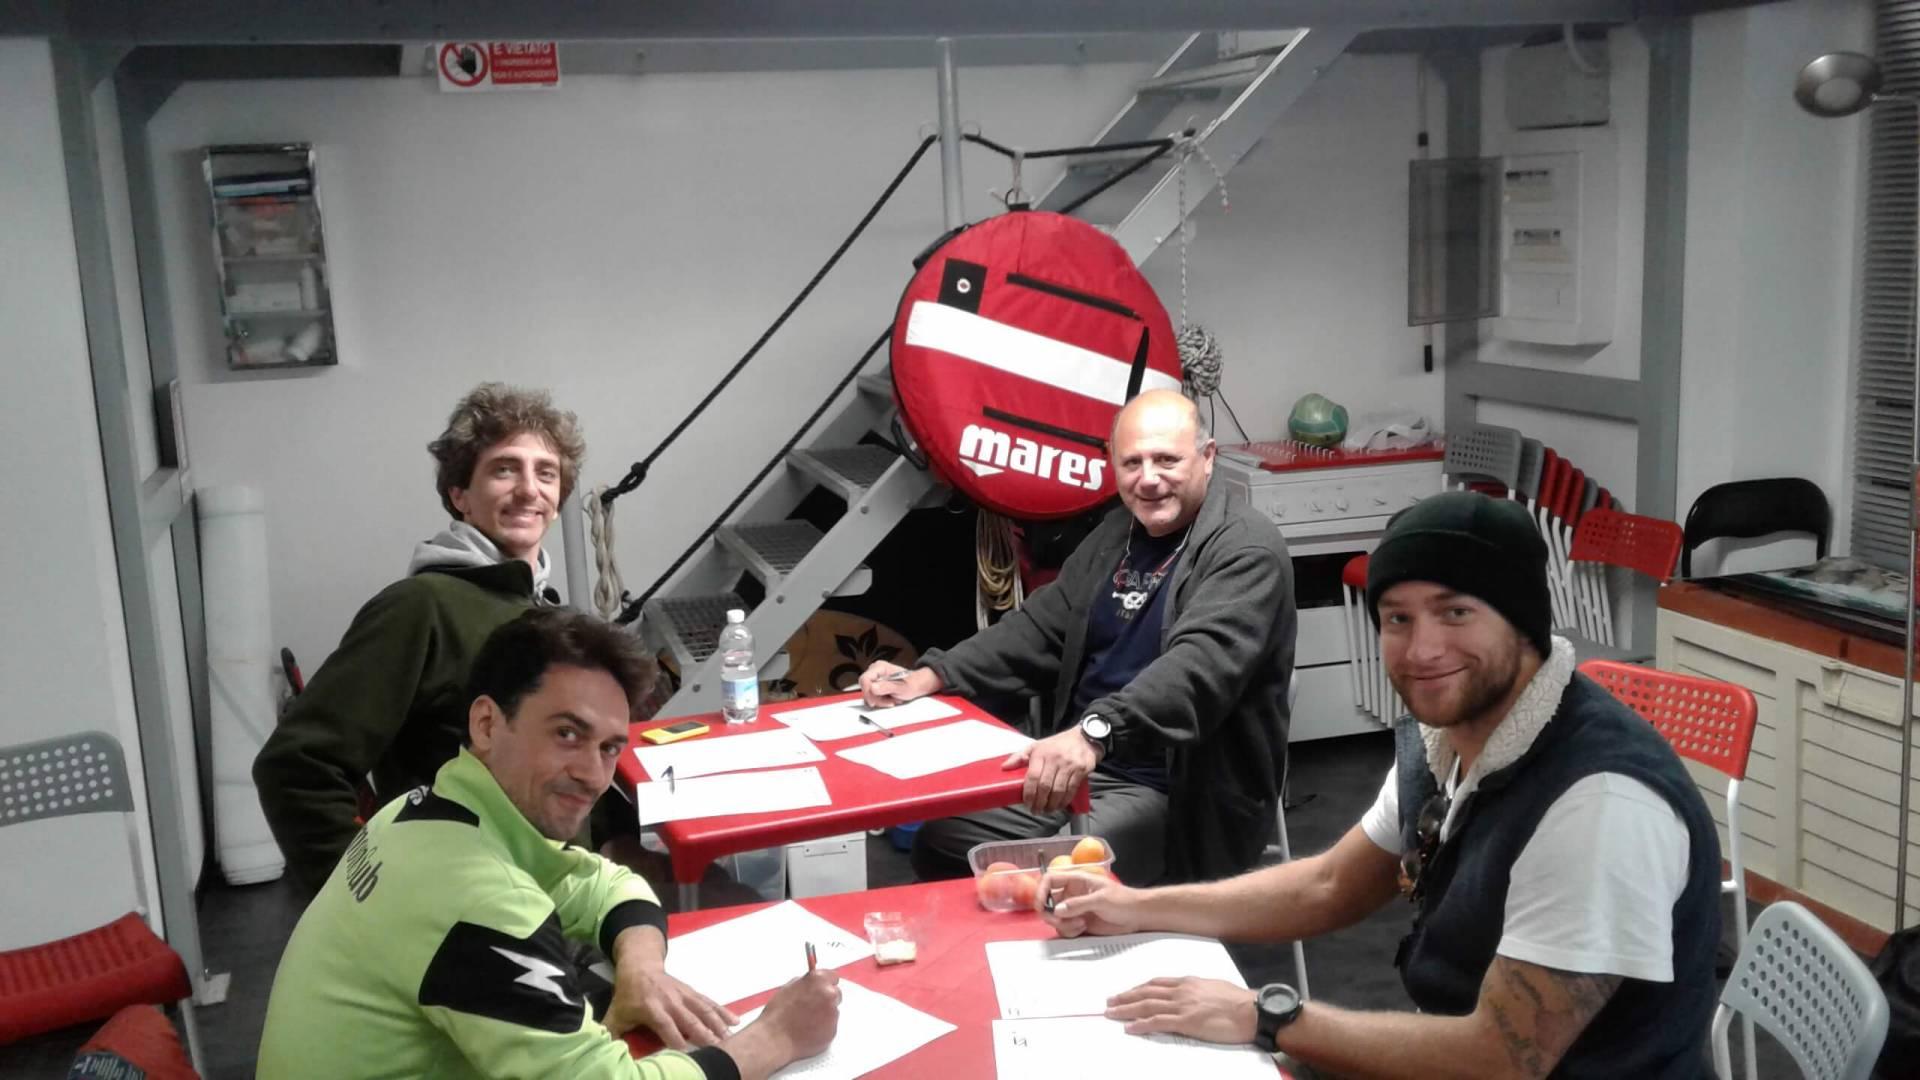 Corso Istruttori SSI Freediving: le motivazioni